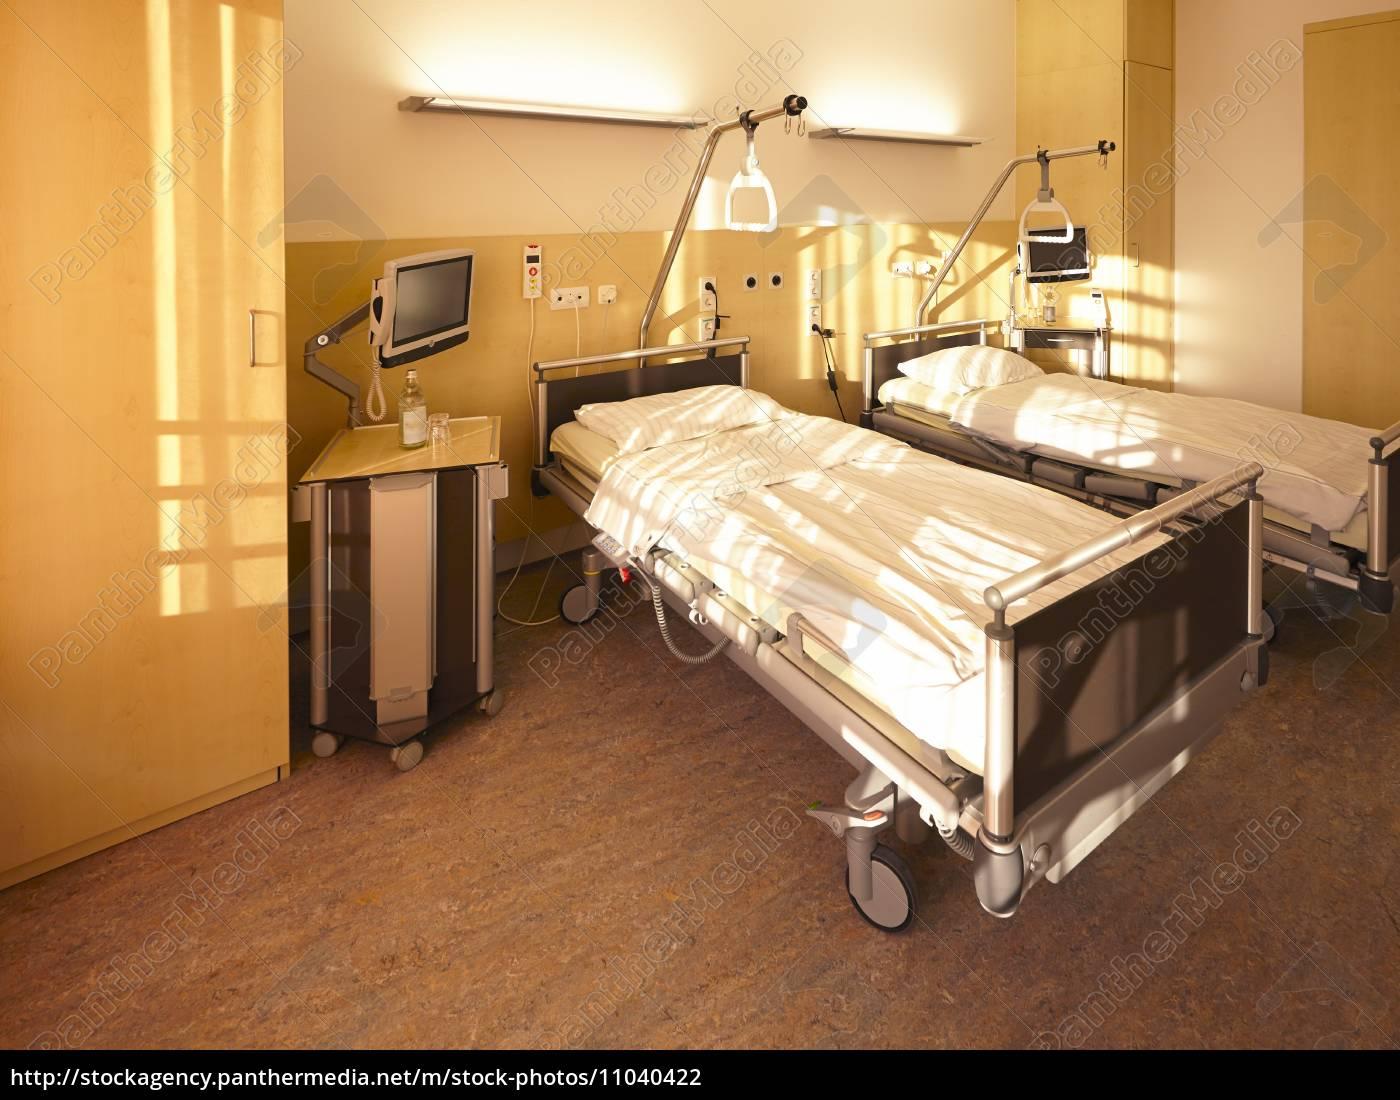 Krankenhaus Bett Doppelzimmer Stock Photo 11040422